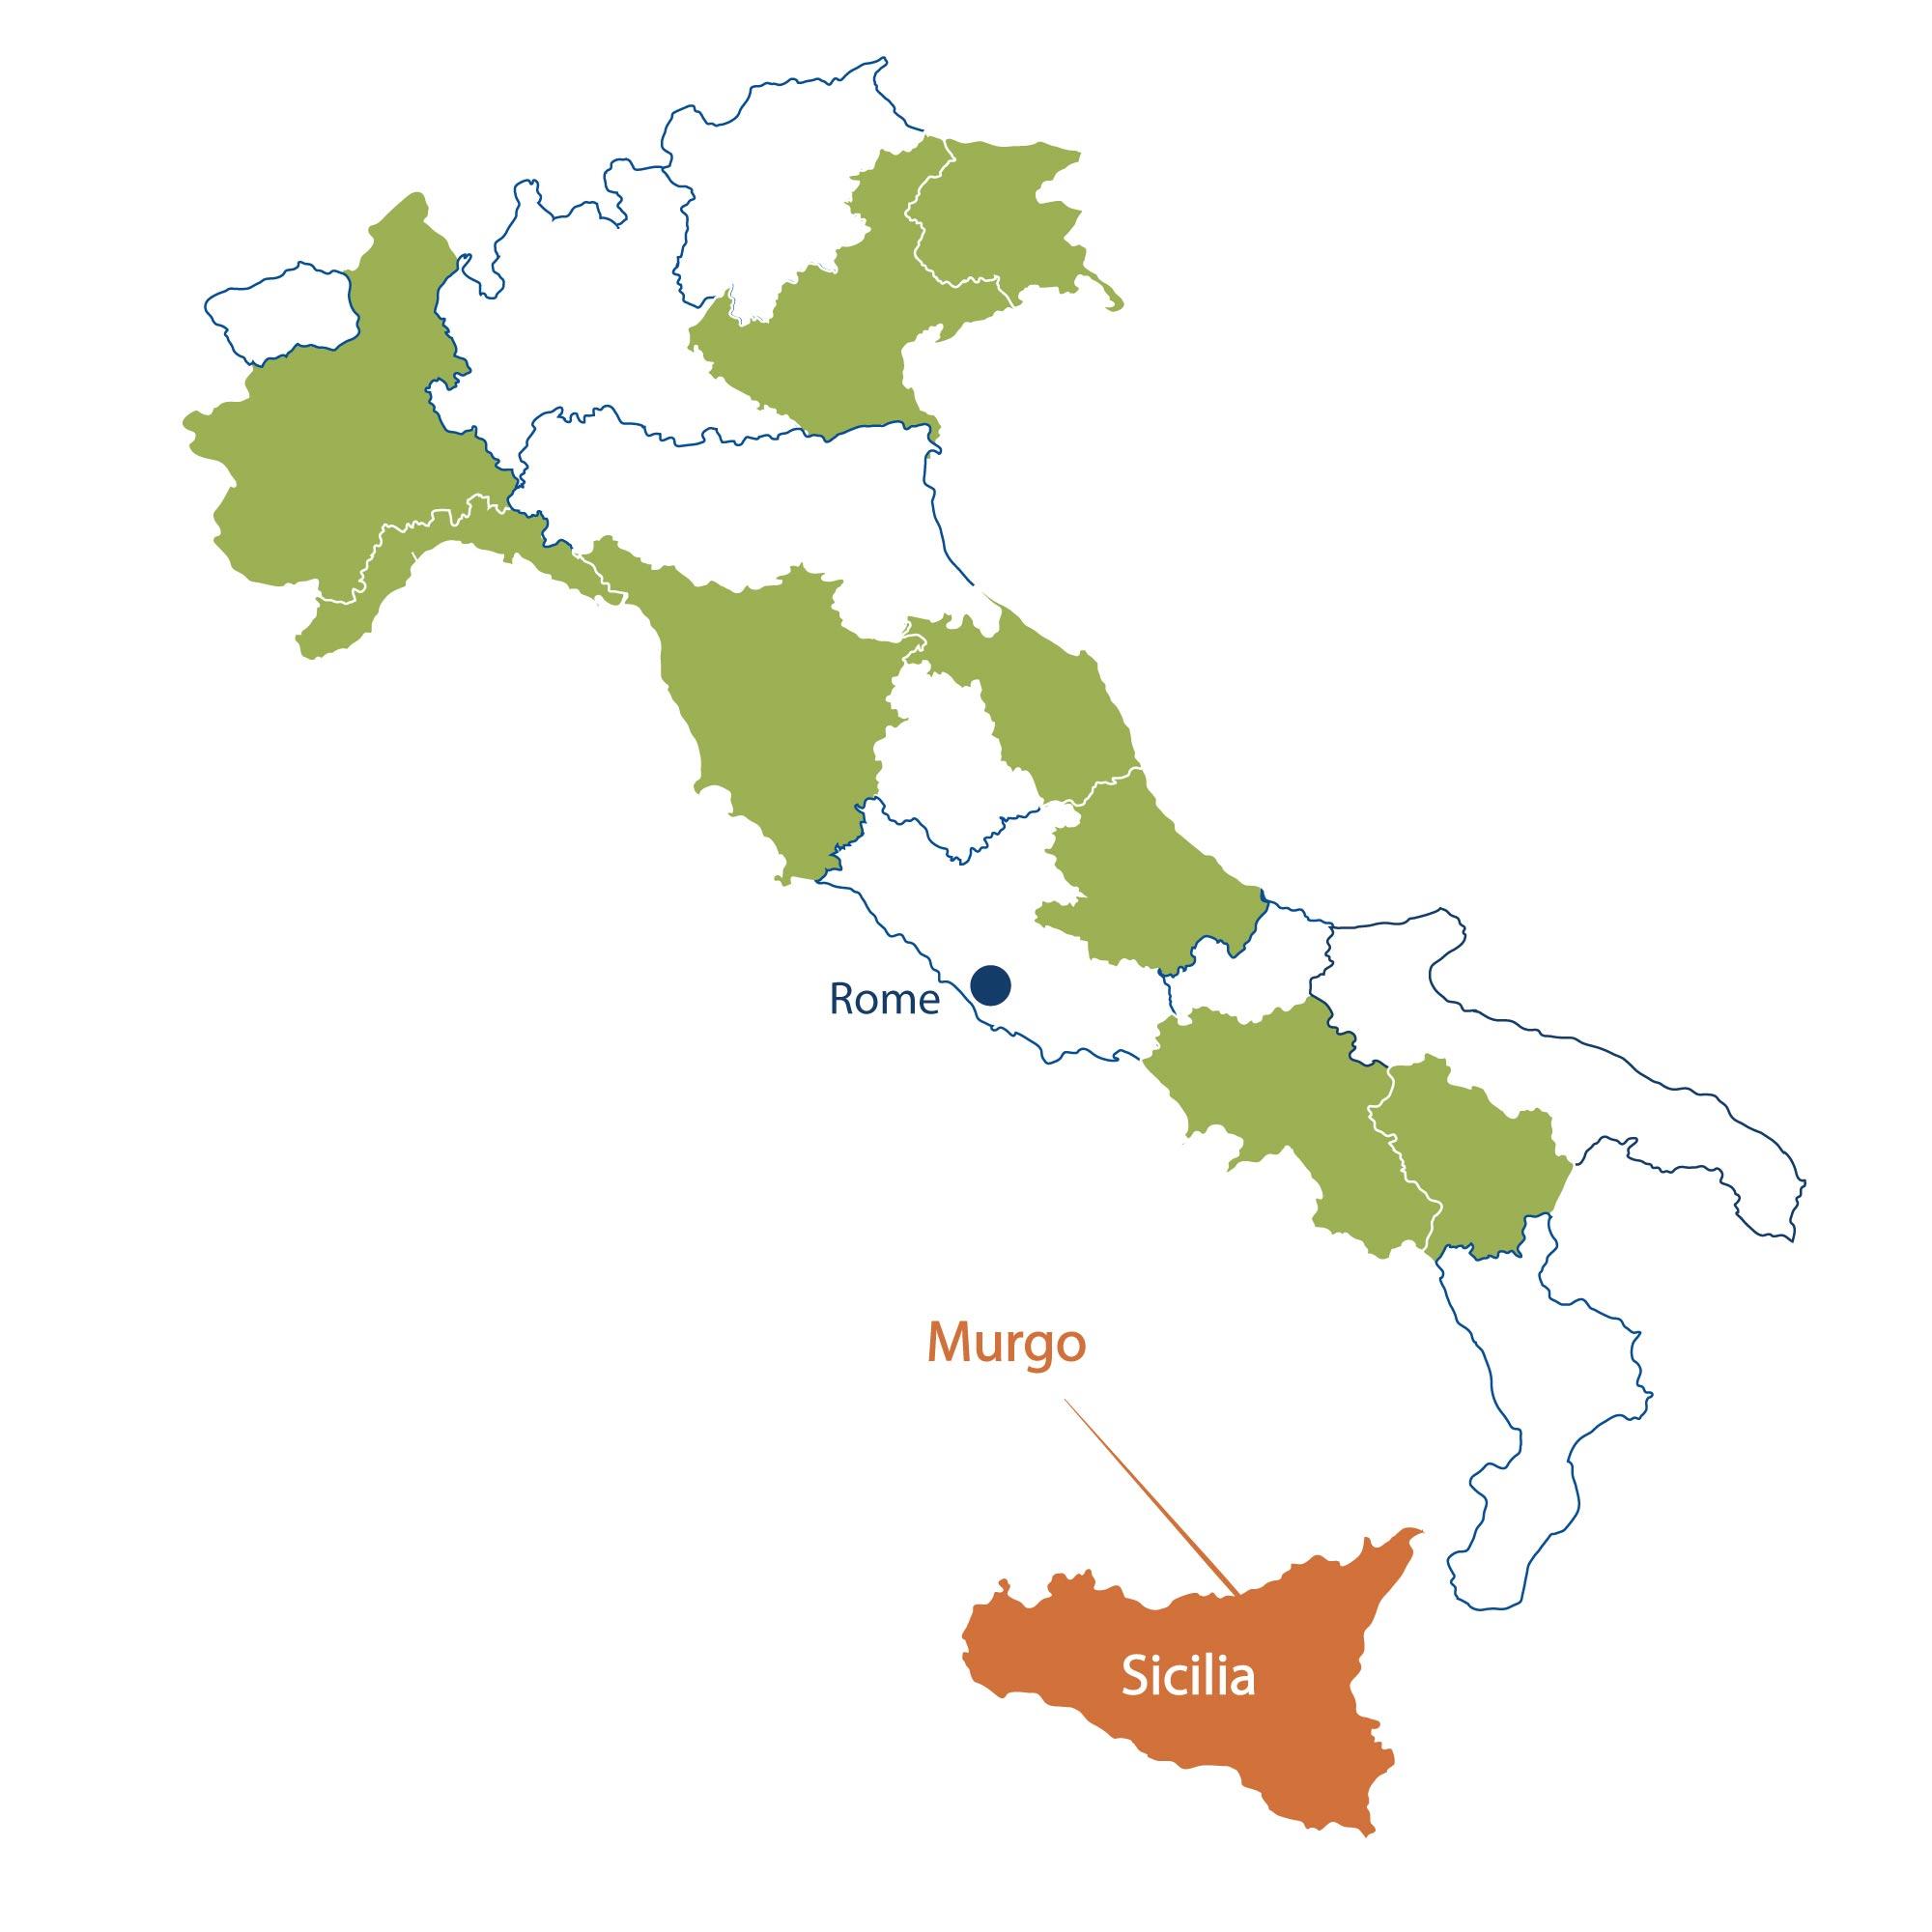 Azienda Agricola Murgo Sicilia North Berkeley Imports